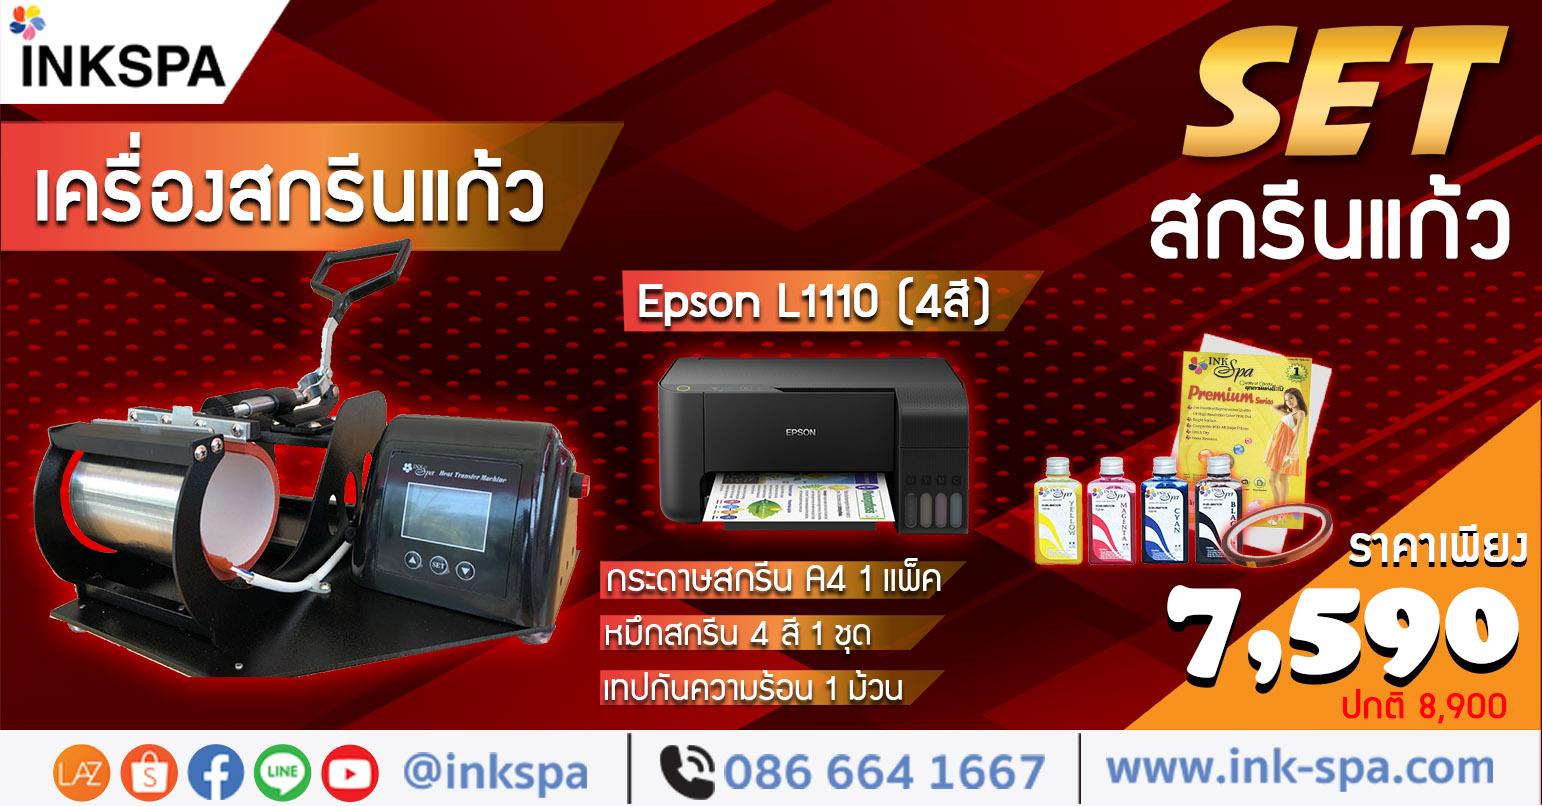 เครื่องสกรีนแก้ว, เครื่องพิมพ์ Epson L1110, แก้วสกกรีน. แก้วสกรีนซับลิเมชั่น